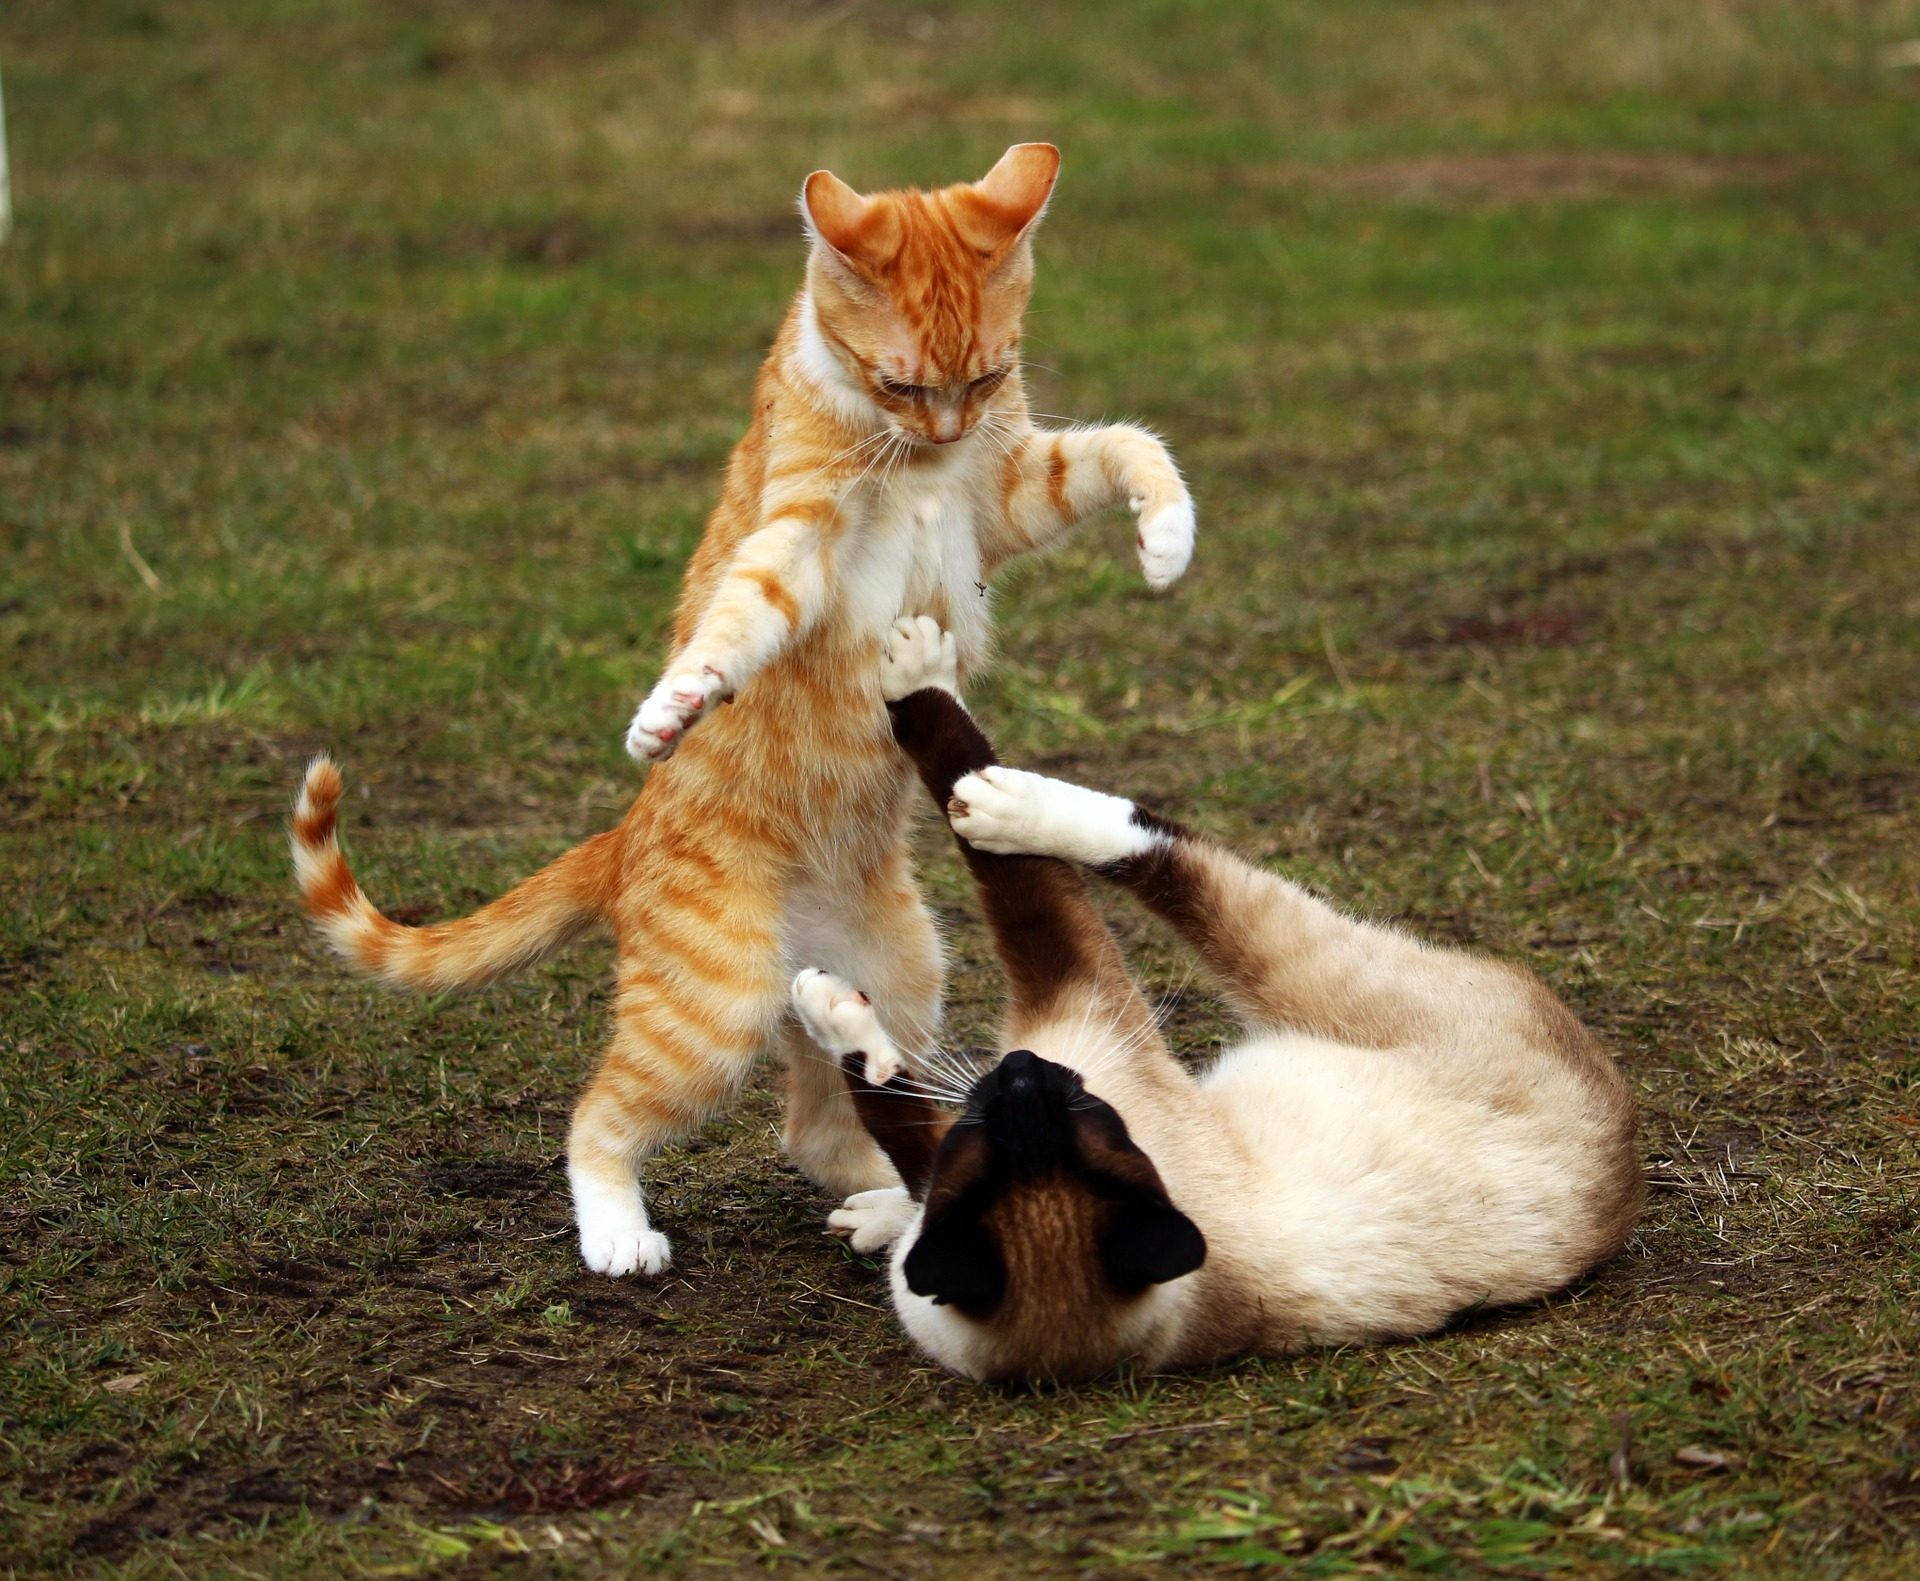 γάτες, παιχνίδι, πάλη, Κήπος, κατοικίδια ζώα, Σιαμαία - Wallpapers HD - Professor-falken.com